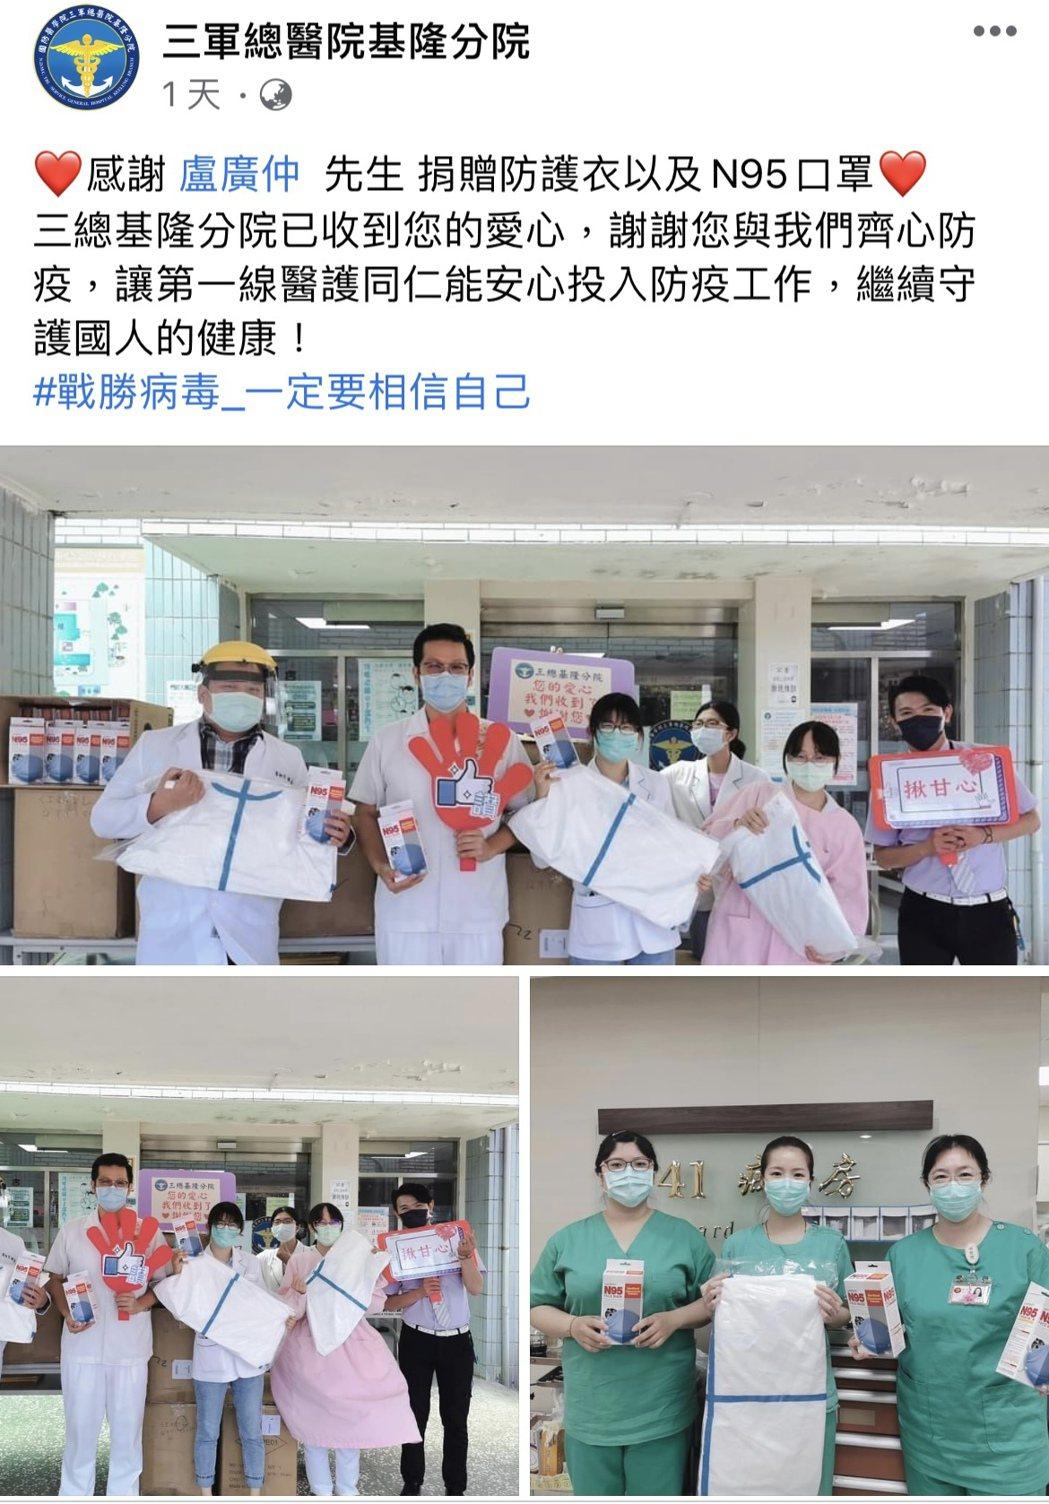 三總PO文感謝盧廣仲捐贈物資,不忘引用他的經典歌「一定要相信自己」。圖/摘自臉書